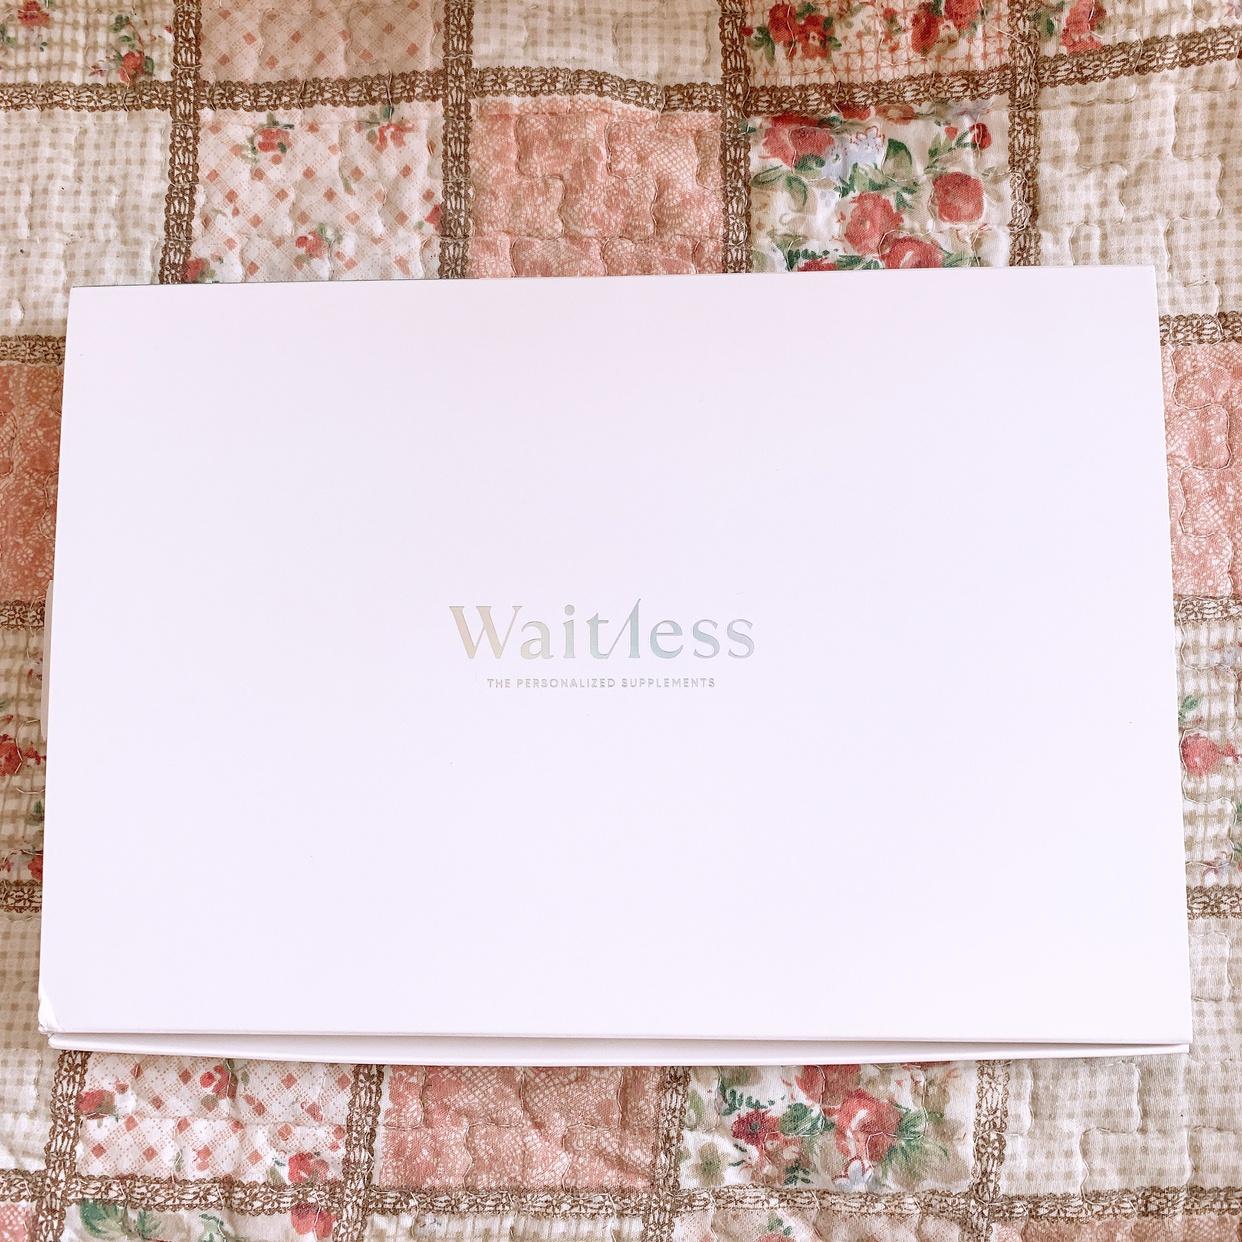 Waitless(ウェイトレス) ダイエット プログラム & サプリメント 2種を使ったまりたそさんのクチコミ画像2